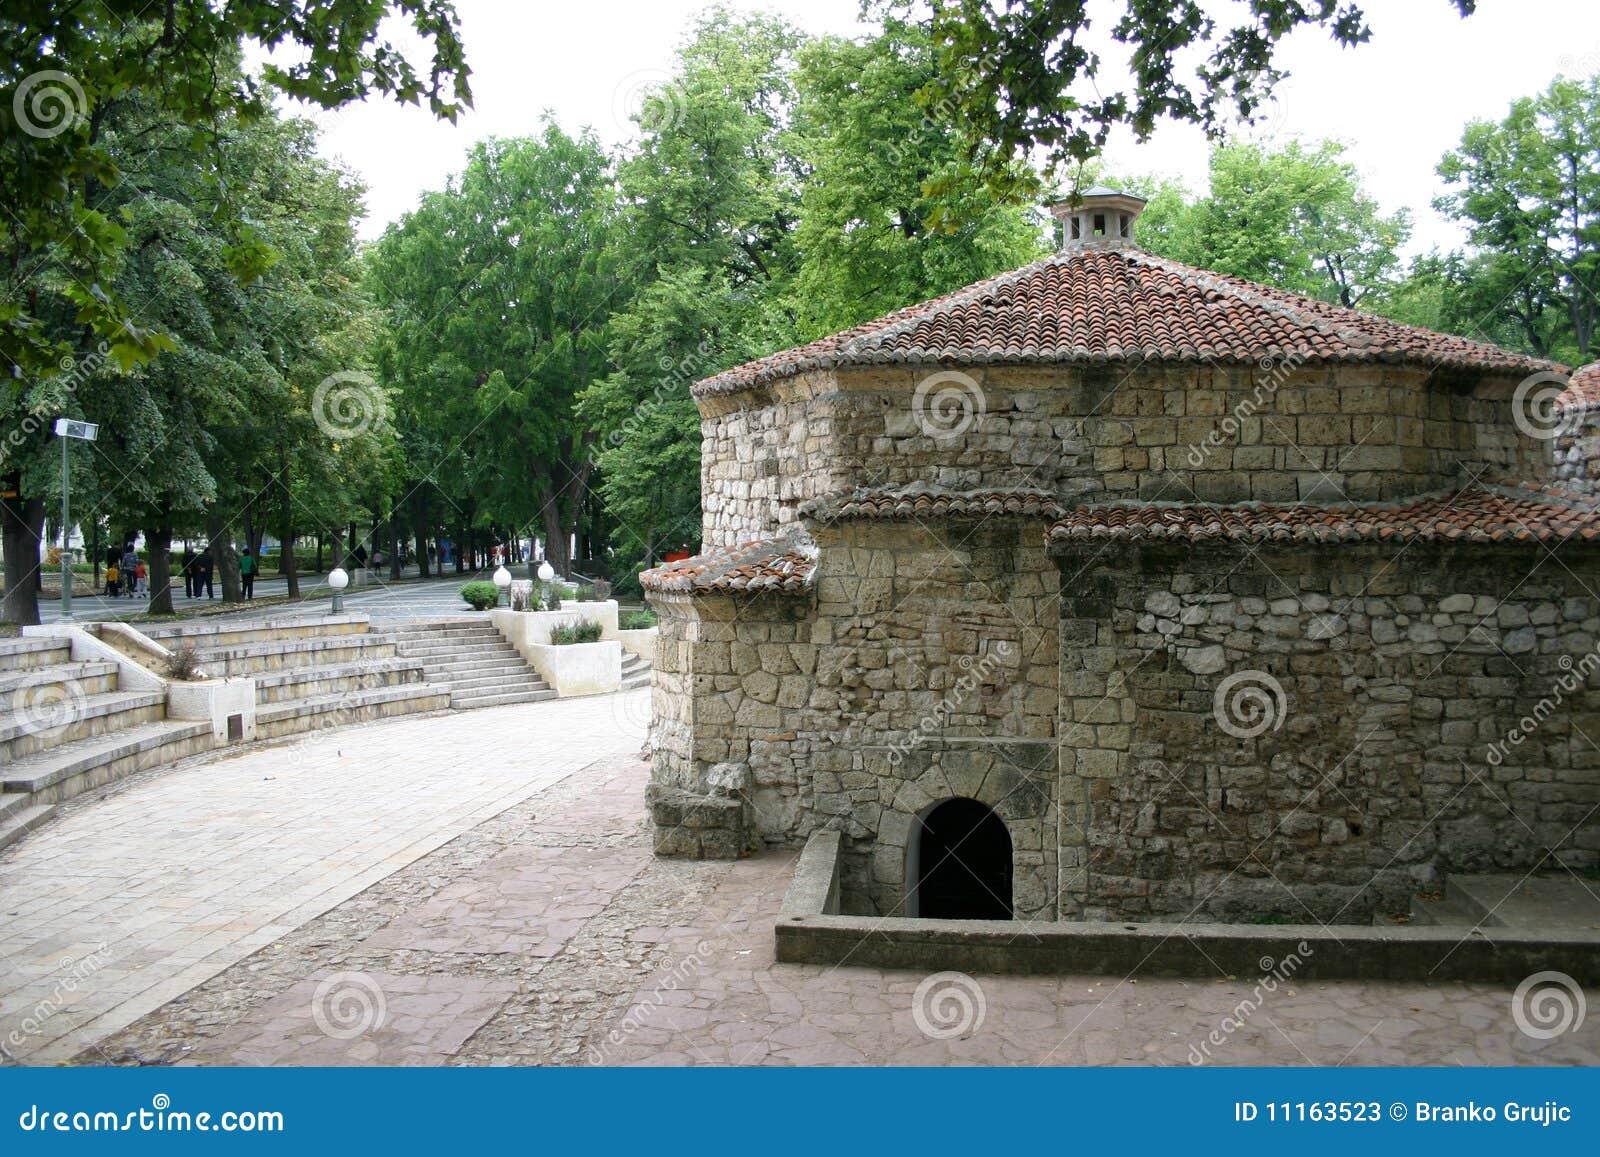 Banheiro turco muito velho em termas do soko Serbia. #456538 1300 957